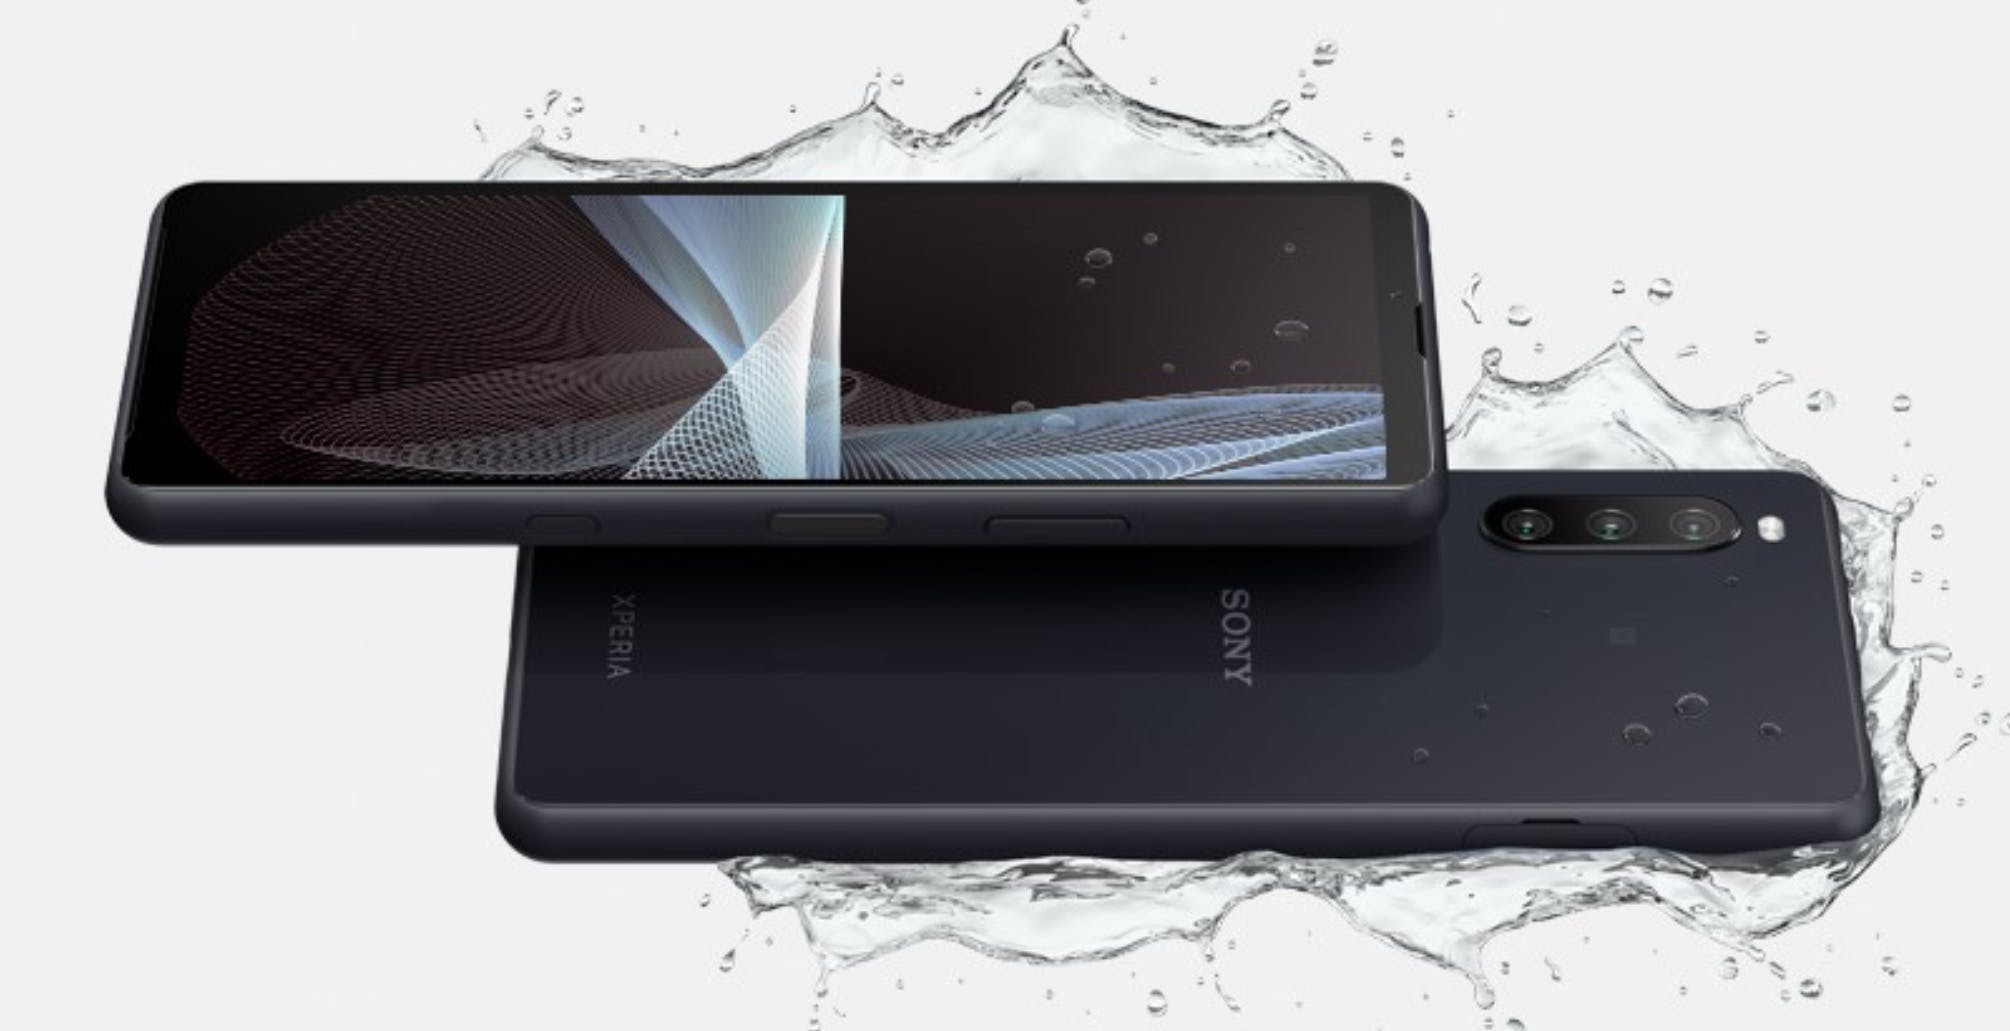 Xperia 10 III, aperti i preordini: In omaggio le cuffie Sony WH-CH710N con cancellazione del rumore